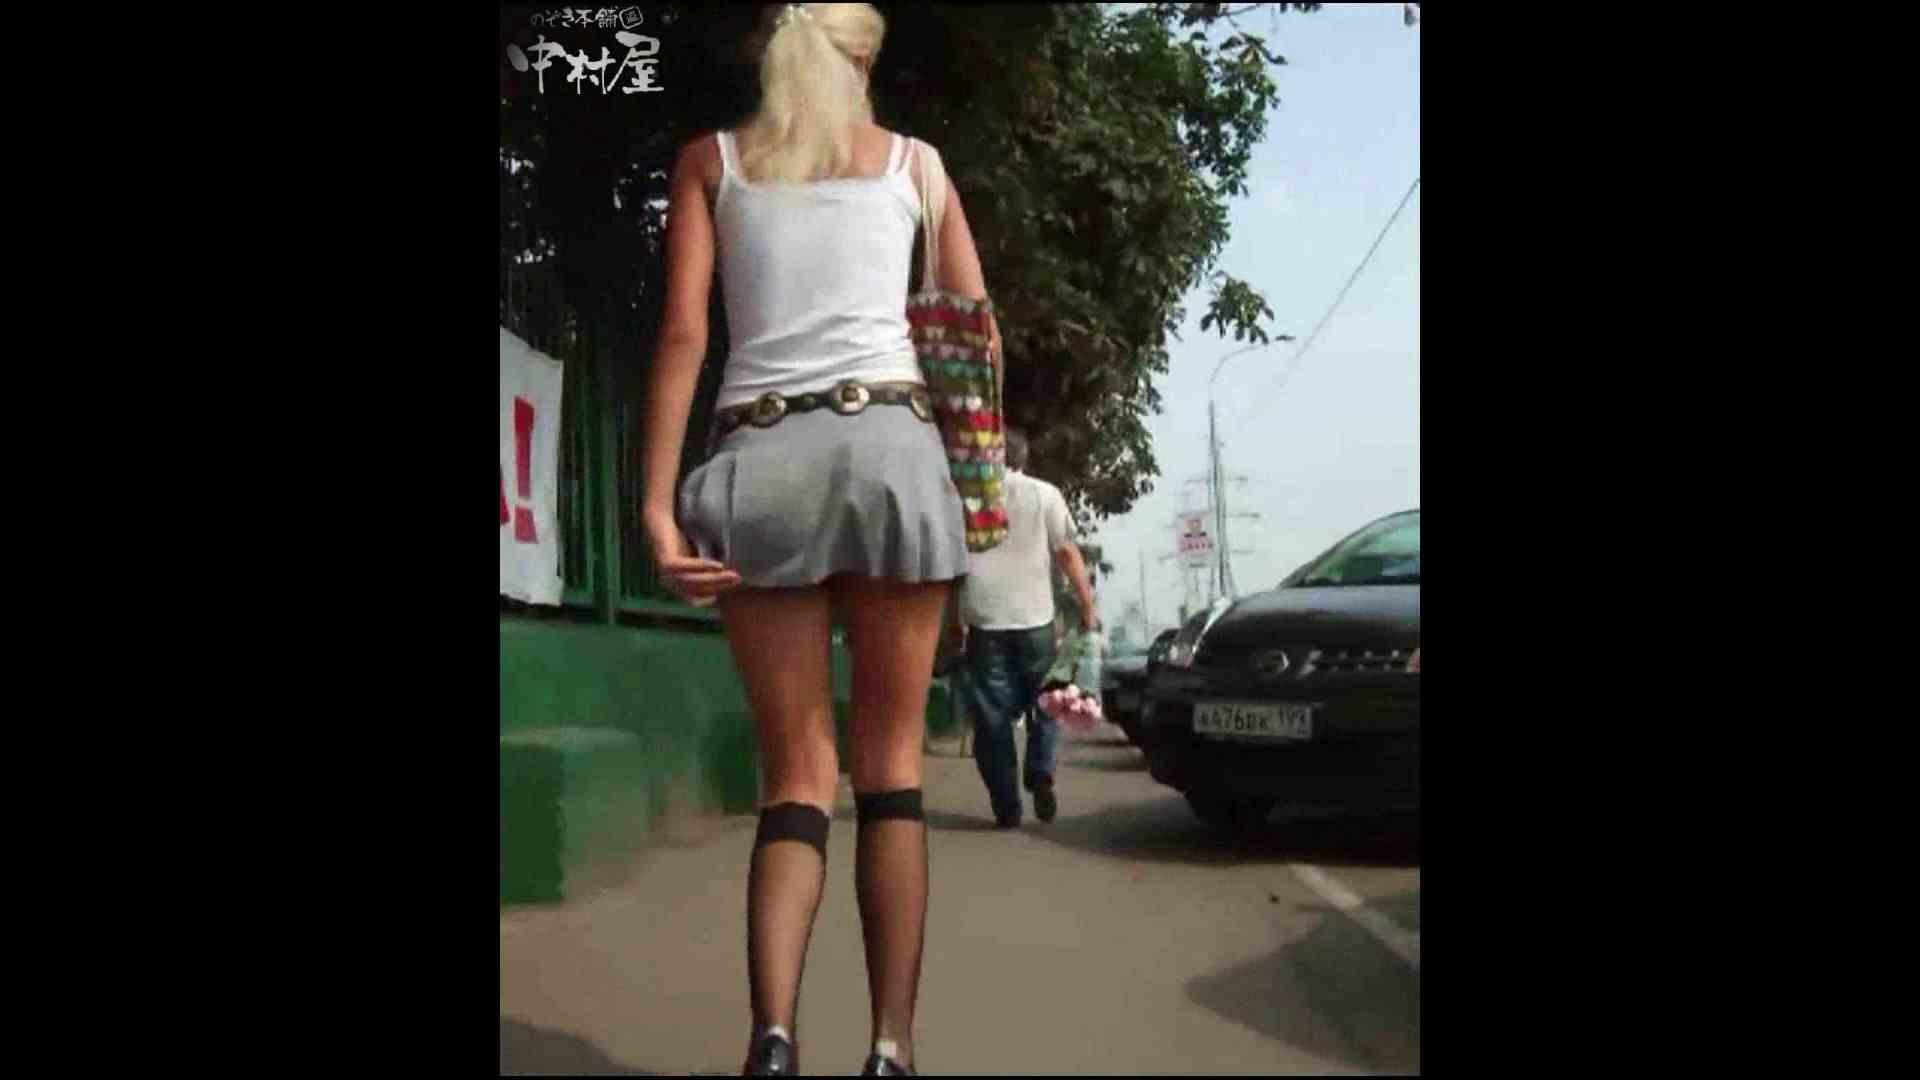 綺麗なモデルさんのスカート捲っちゃおう‼ vol25 0   0  76連発 41